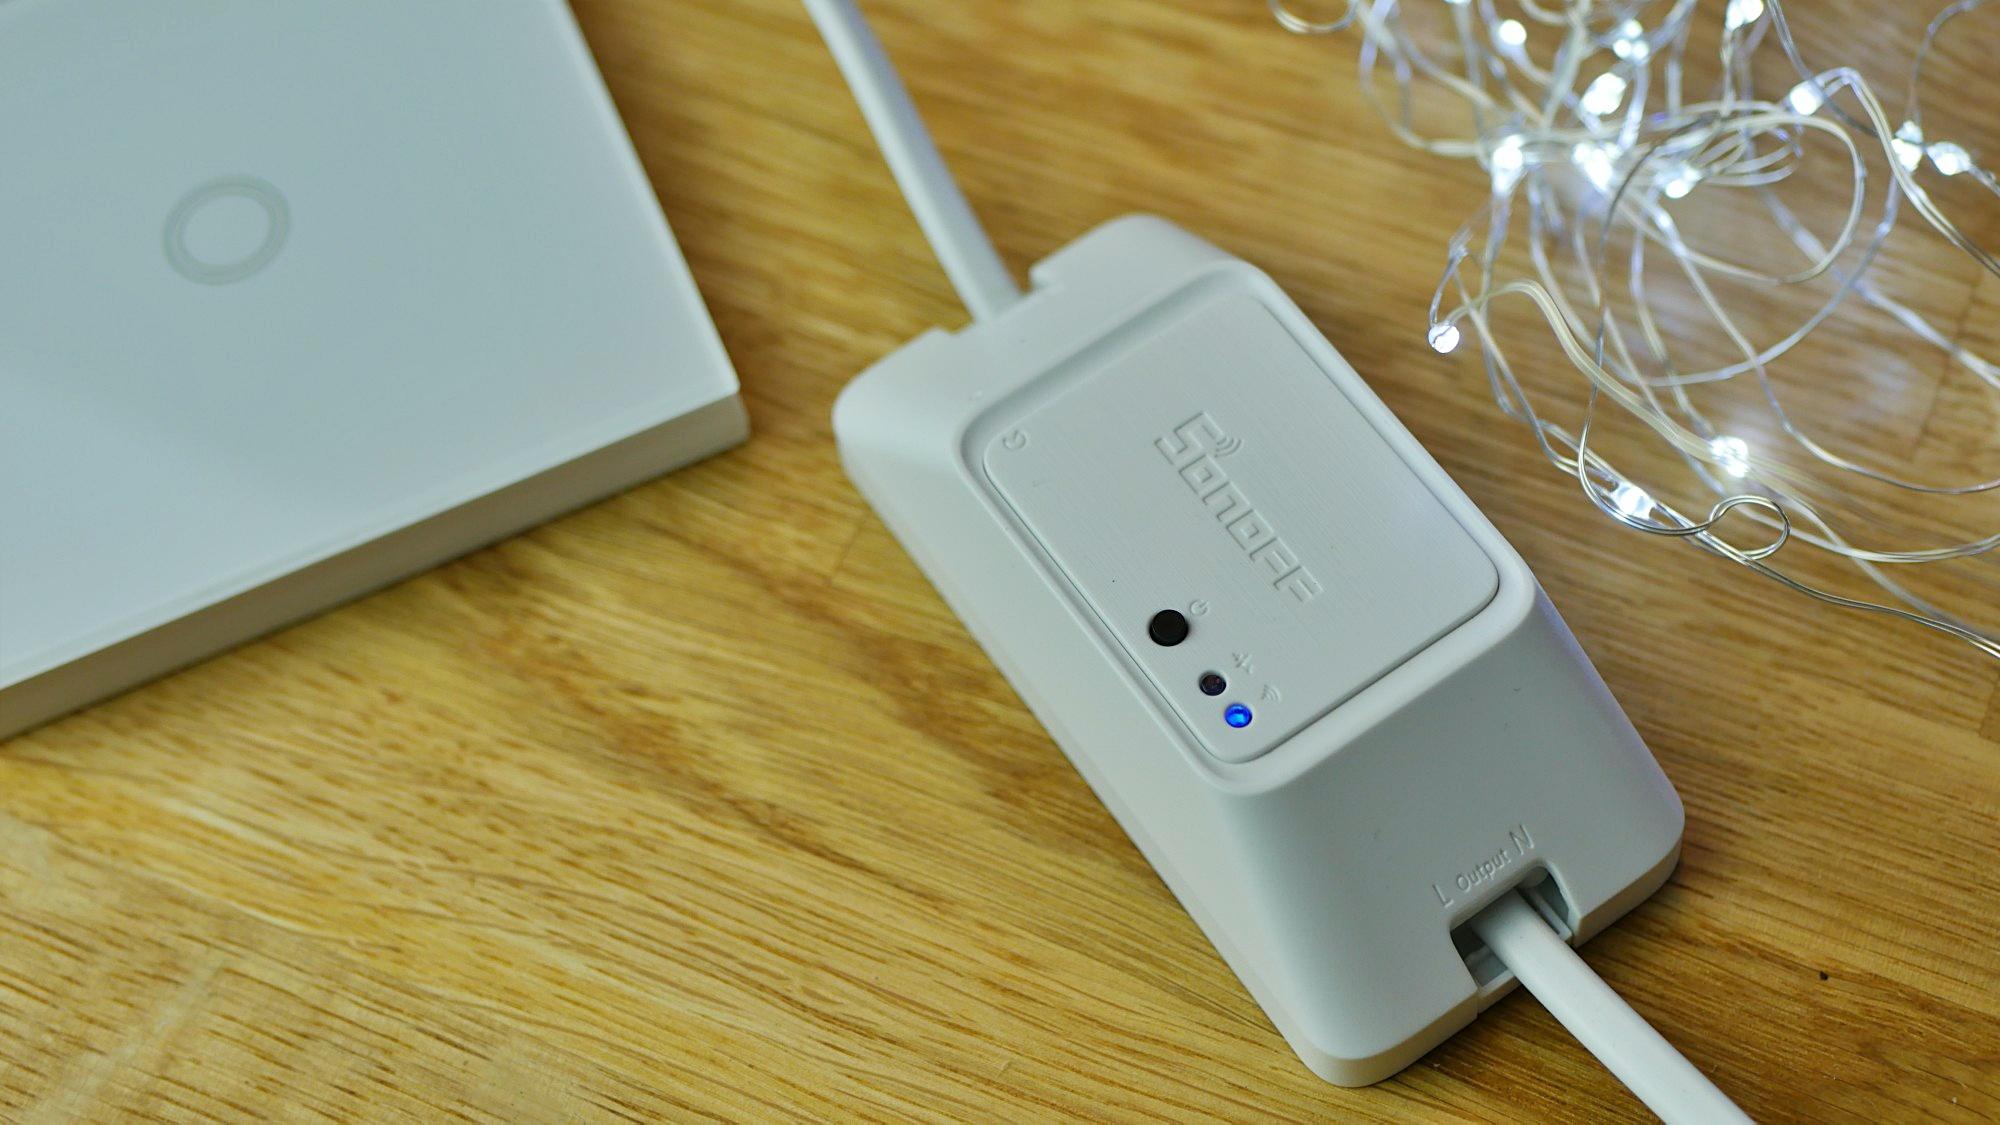 Recenzja Sonoff Basic RF R3 - przełącznika, którym możemy sterować ze smartfona i pilota 8